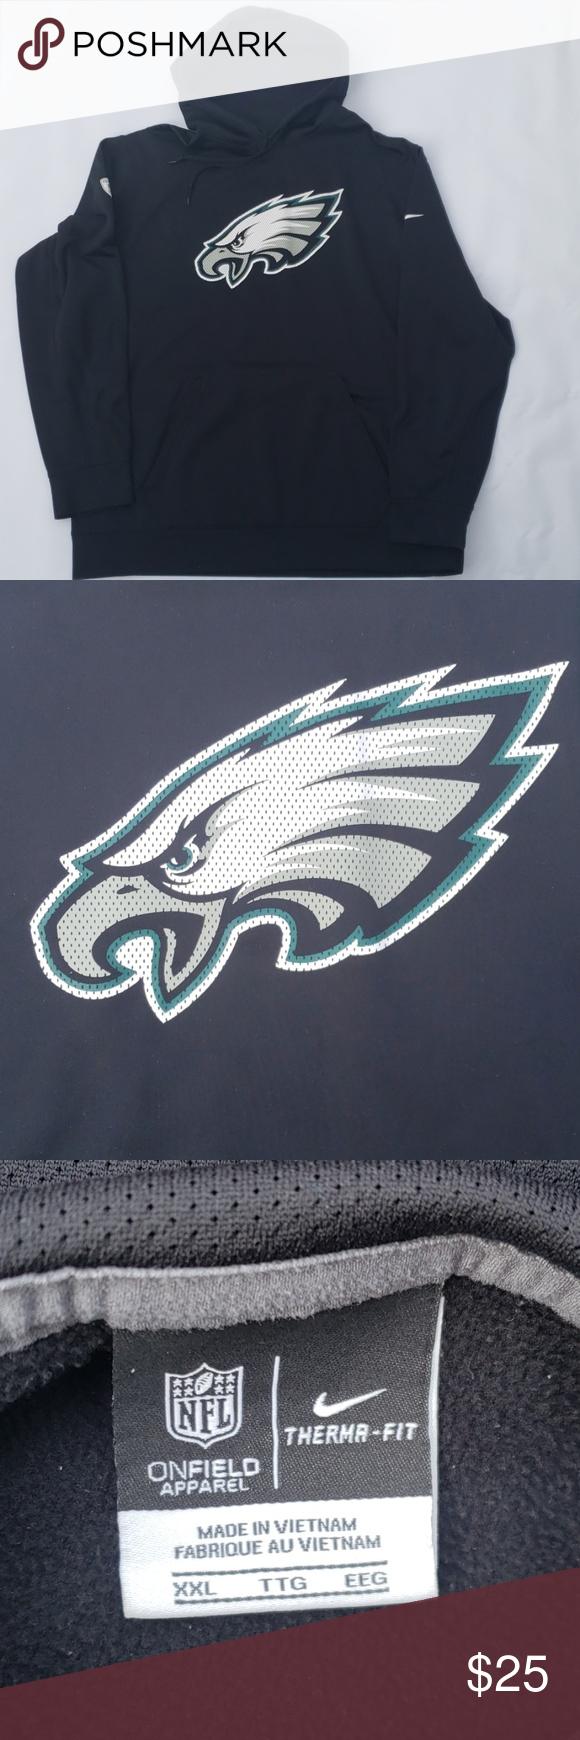 Men S Black Nike Philadelphia Eagles Hoodie Xxl Philadelphia Eagles Hoodie Eagles Hoodie Black Nikes [ 1740 x 580 Pixel ]